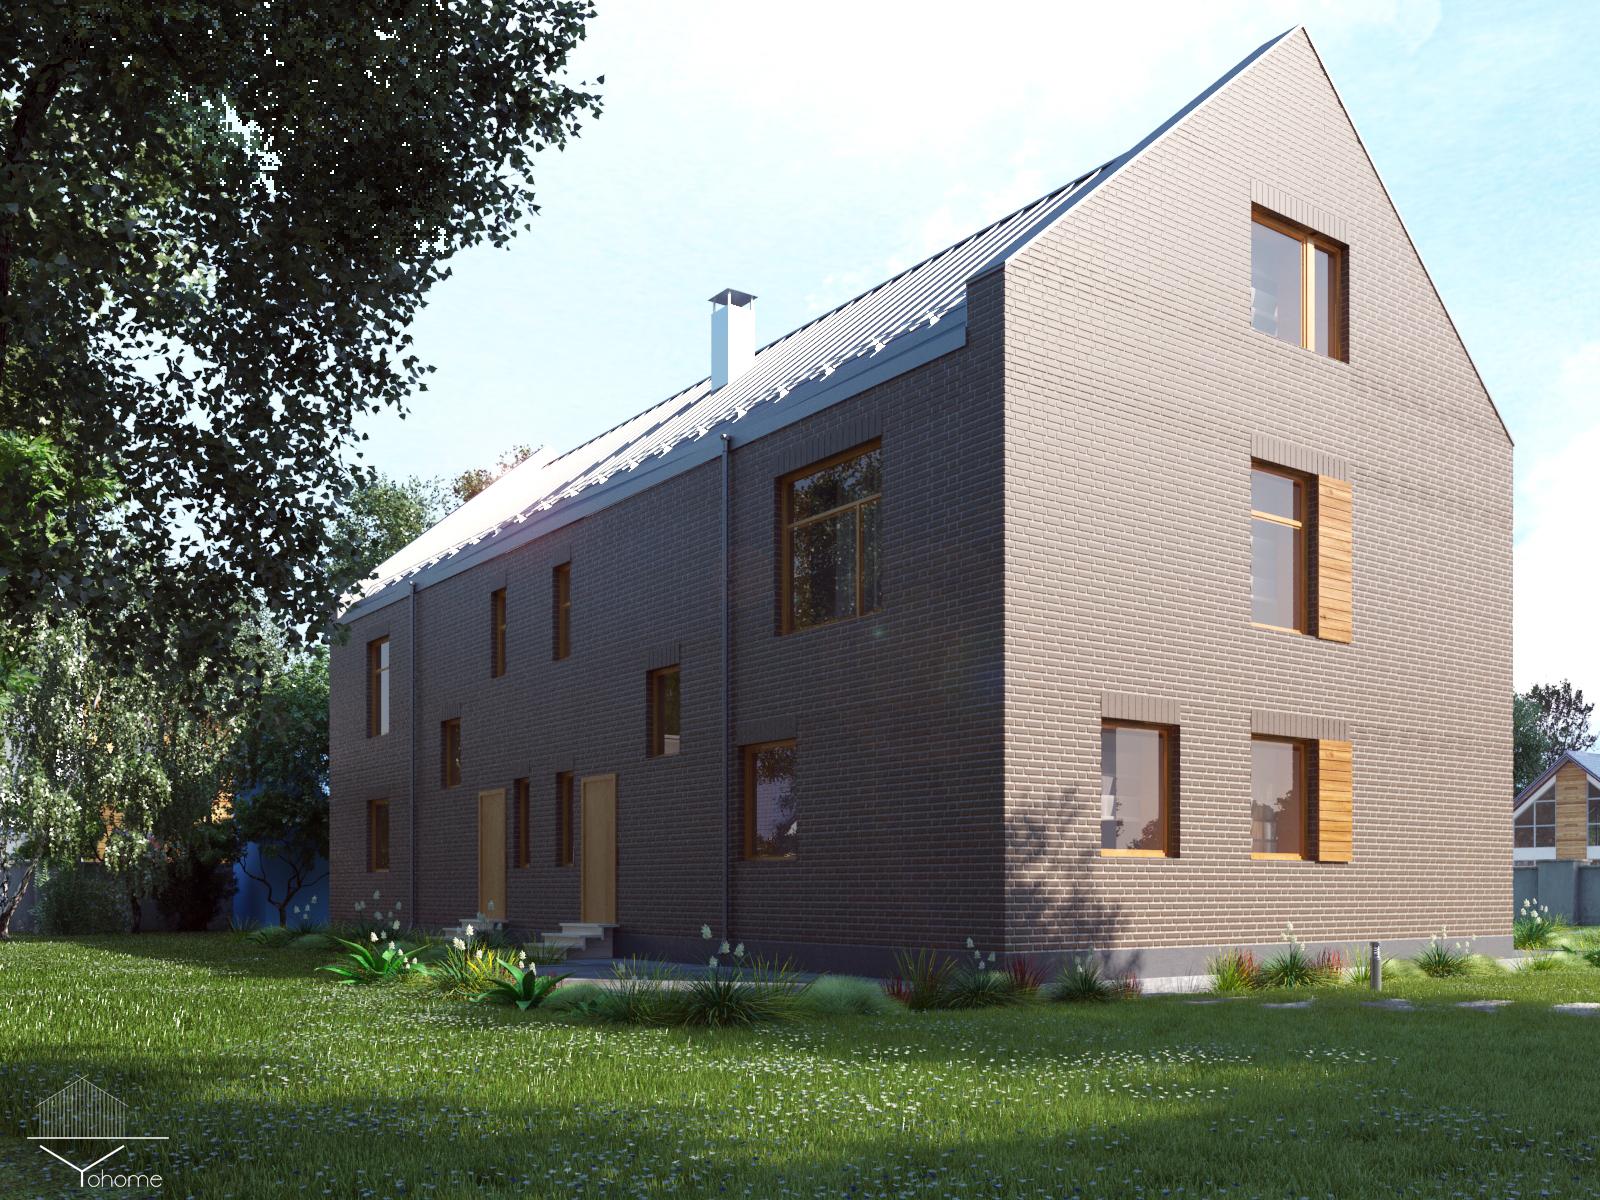 Дом на две семьи. фасад